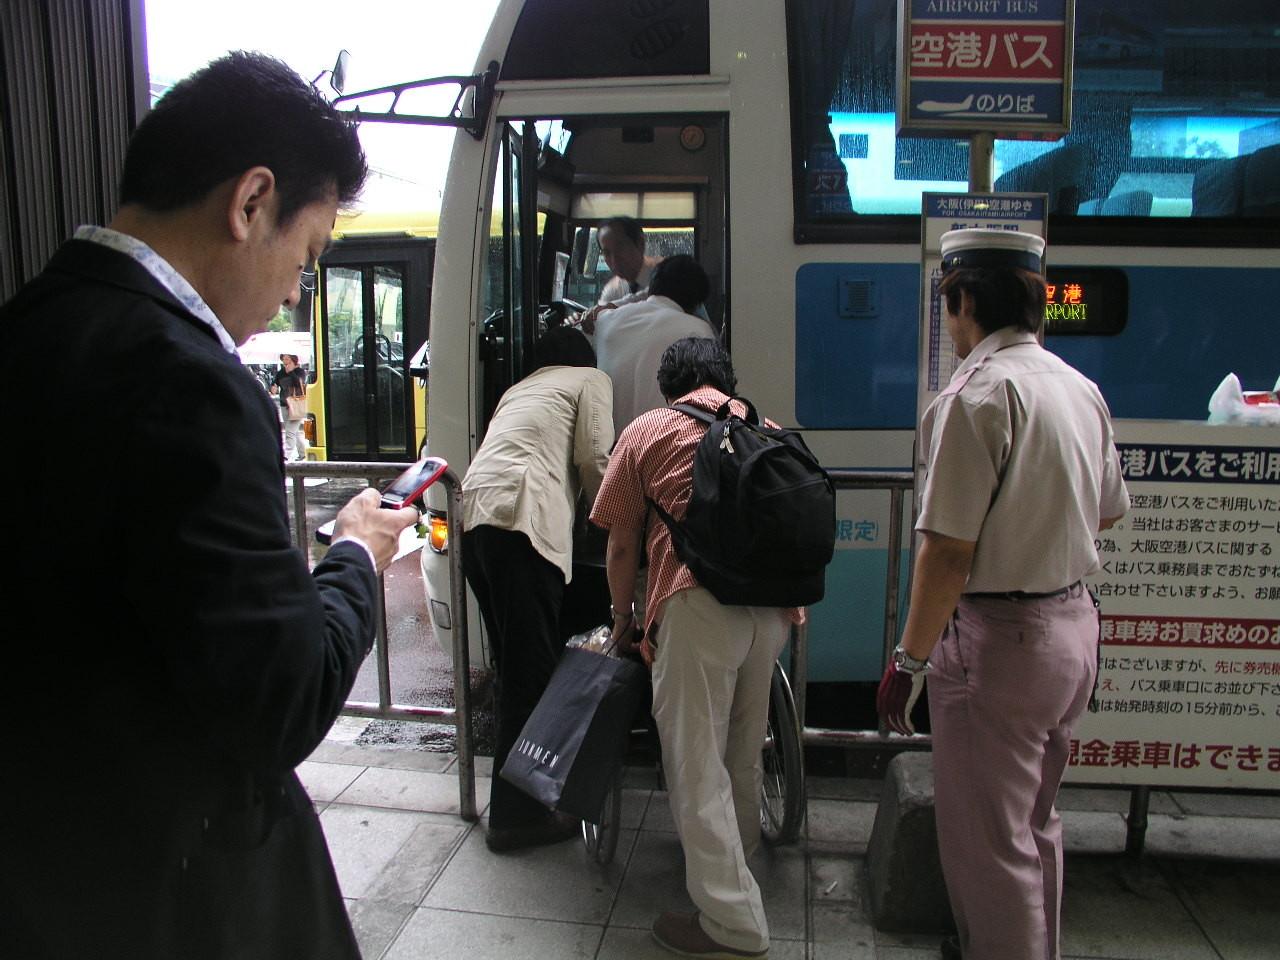 バスはいつも大変です、車椅子でそのまま乗りたい